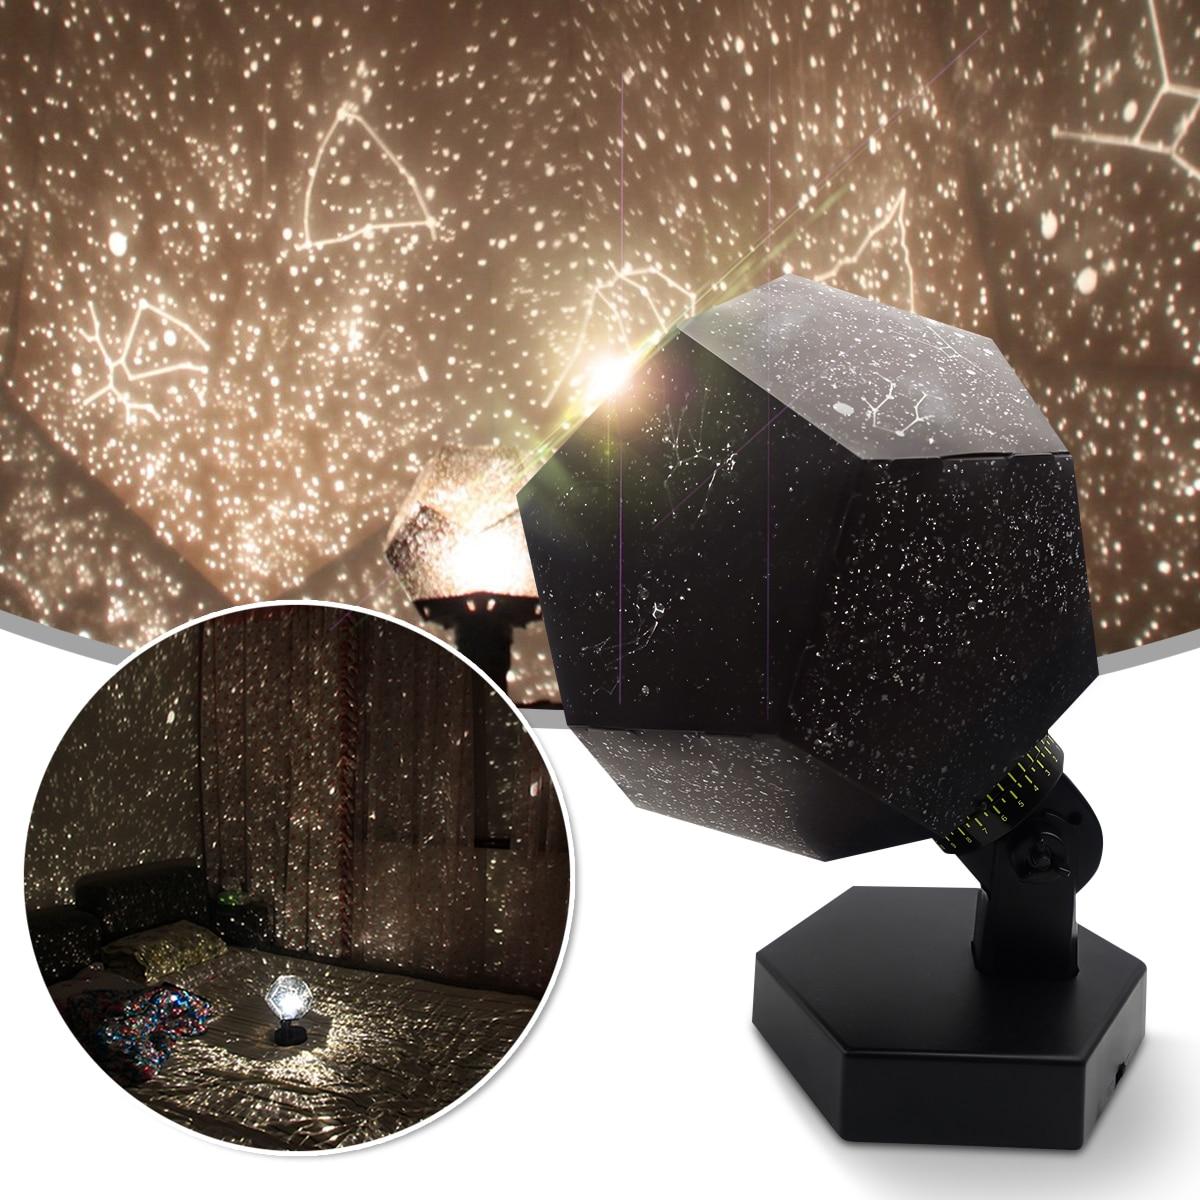 Звездный проектор Astrostar в Магнитогорске